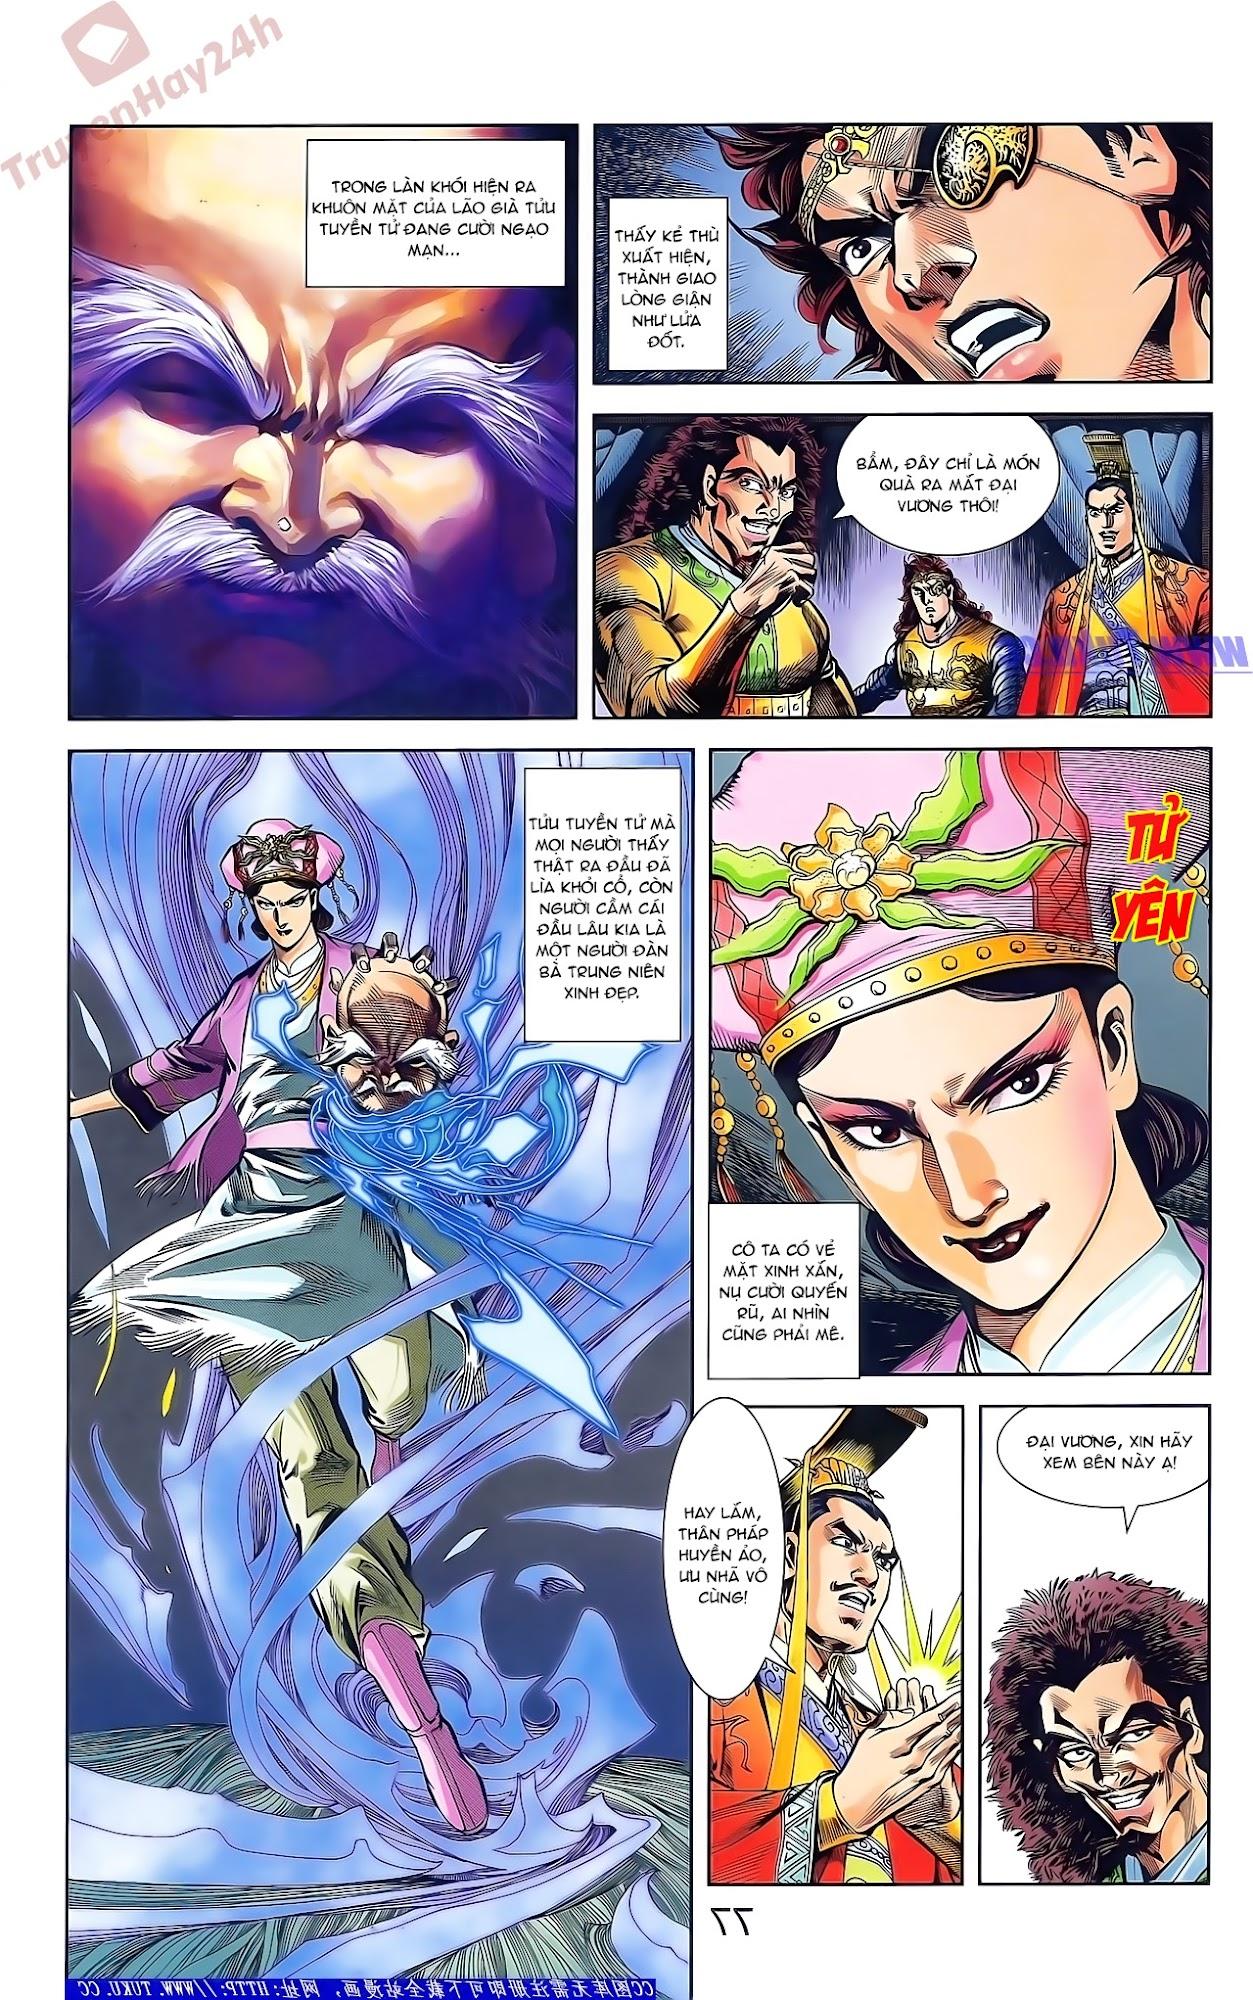 Tần Vương Doanh Chính chapter 49 trang 31